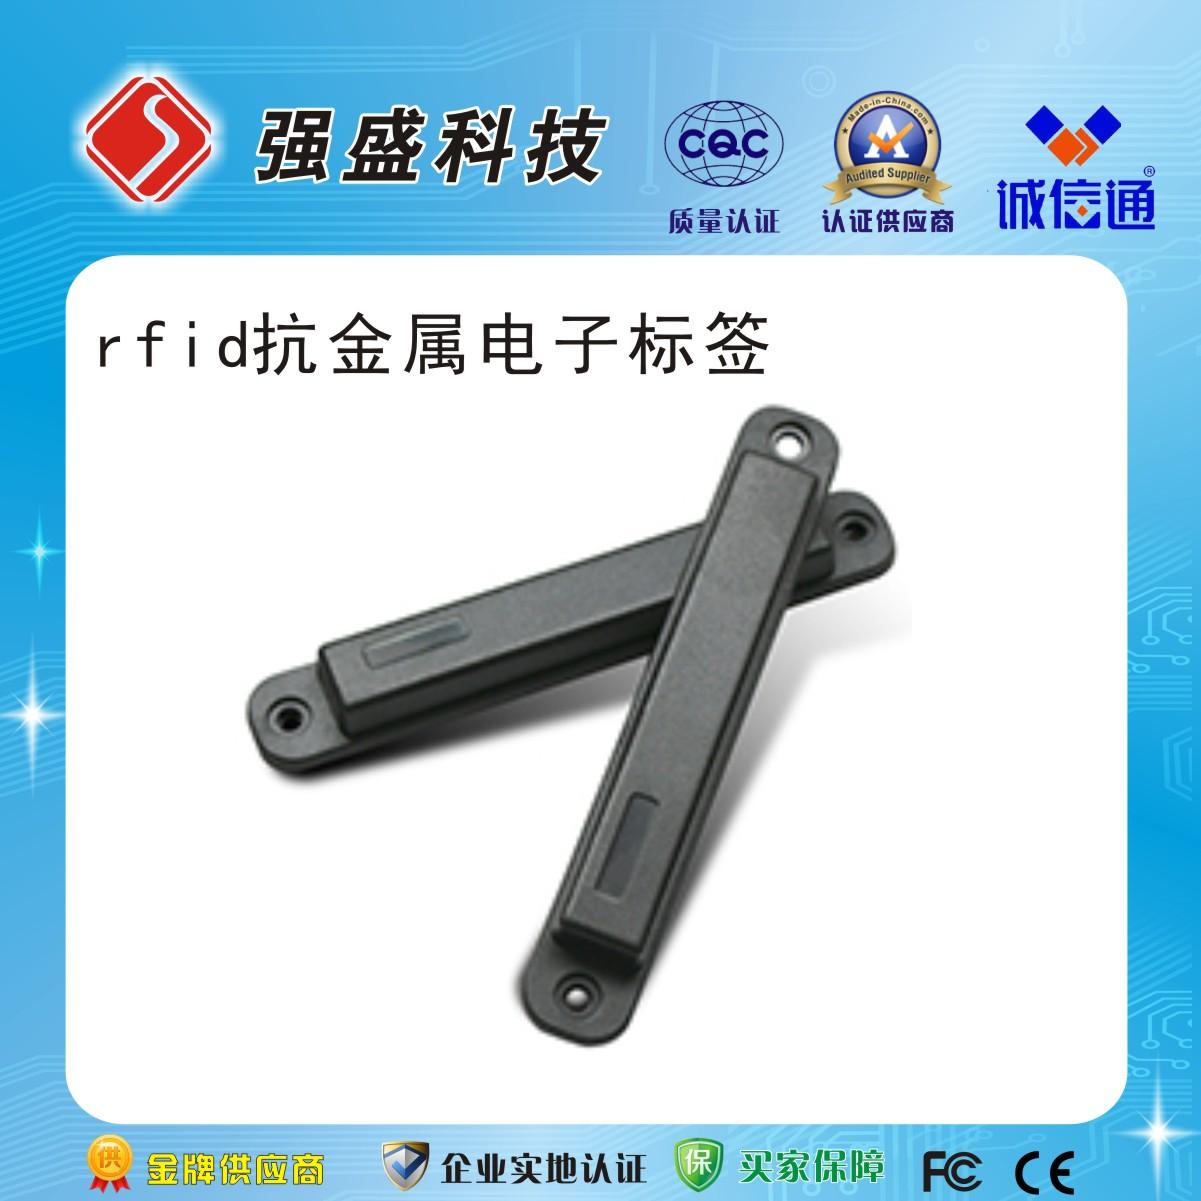 广州强盛混凝土试块芯片RFID超高频标签